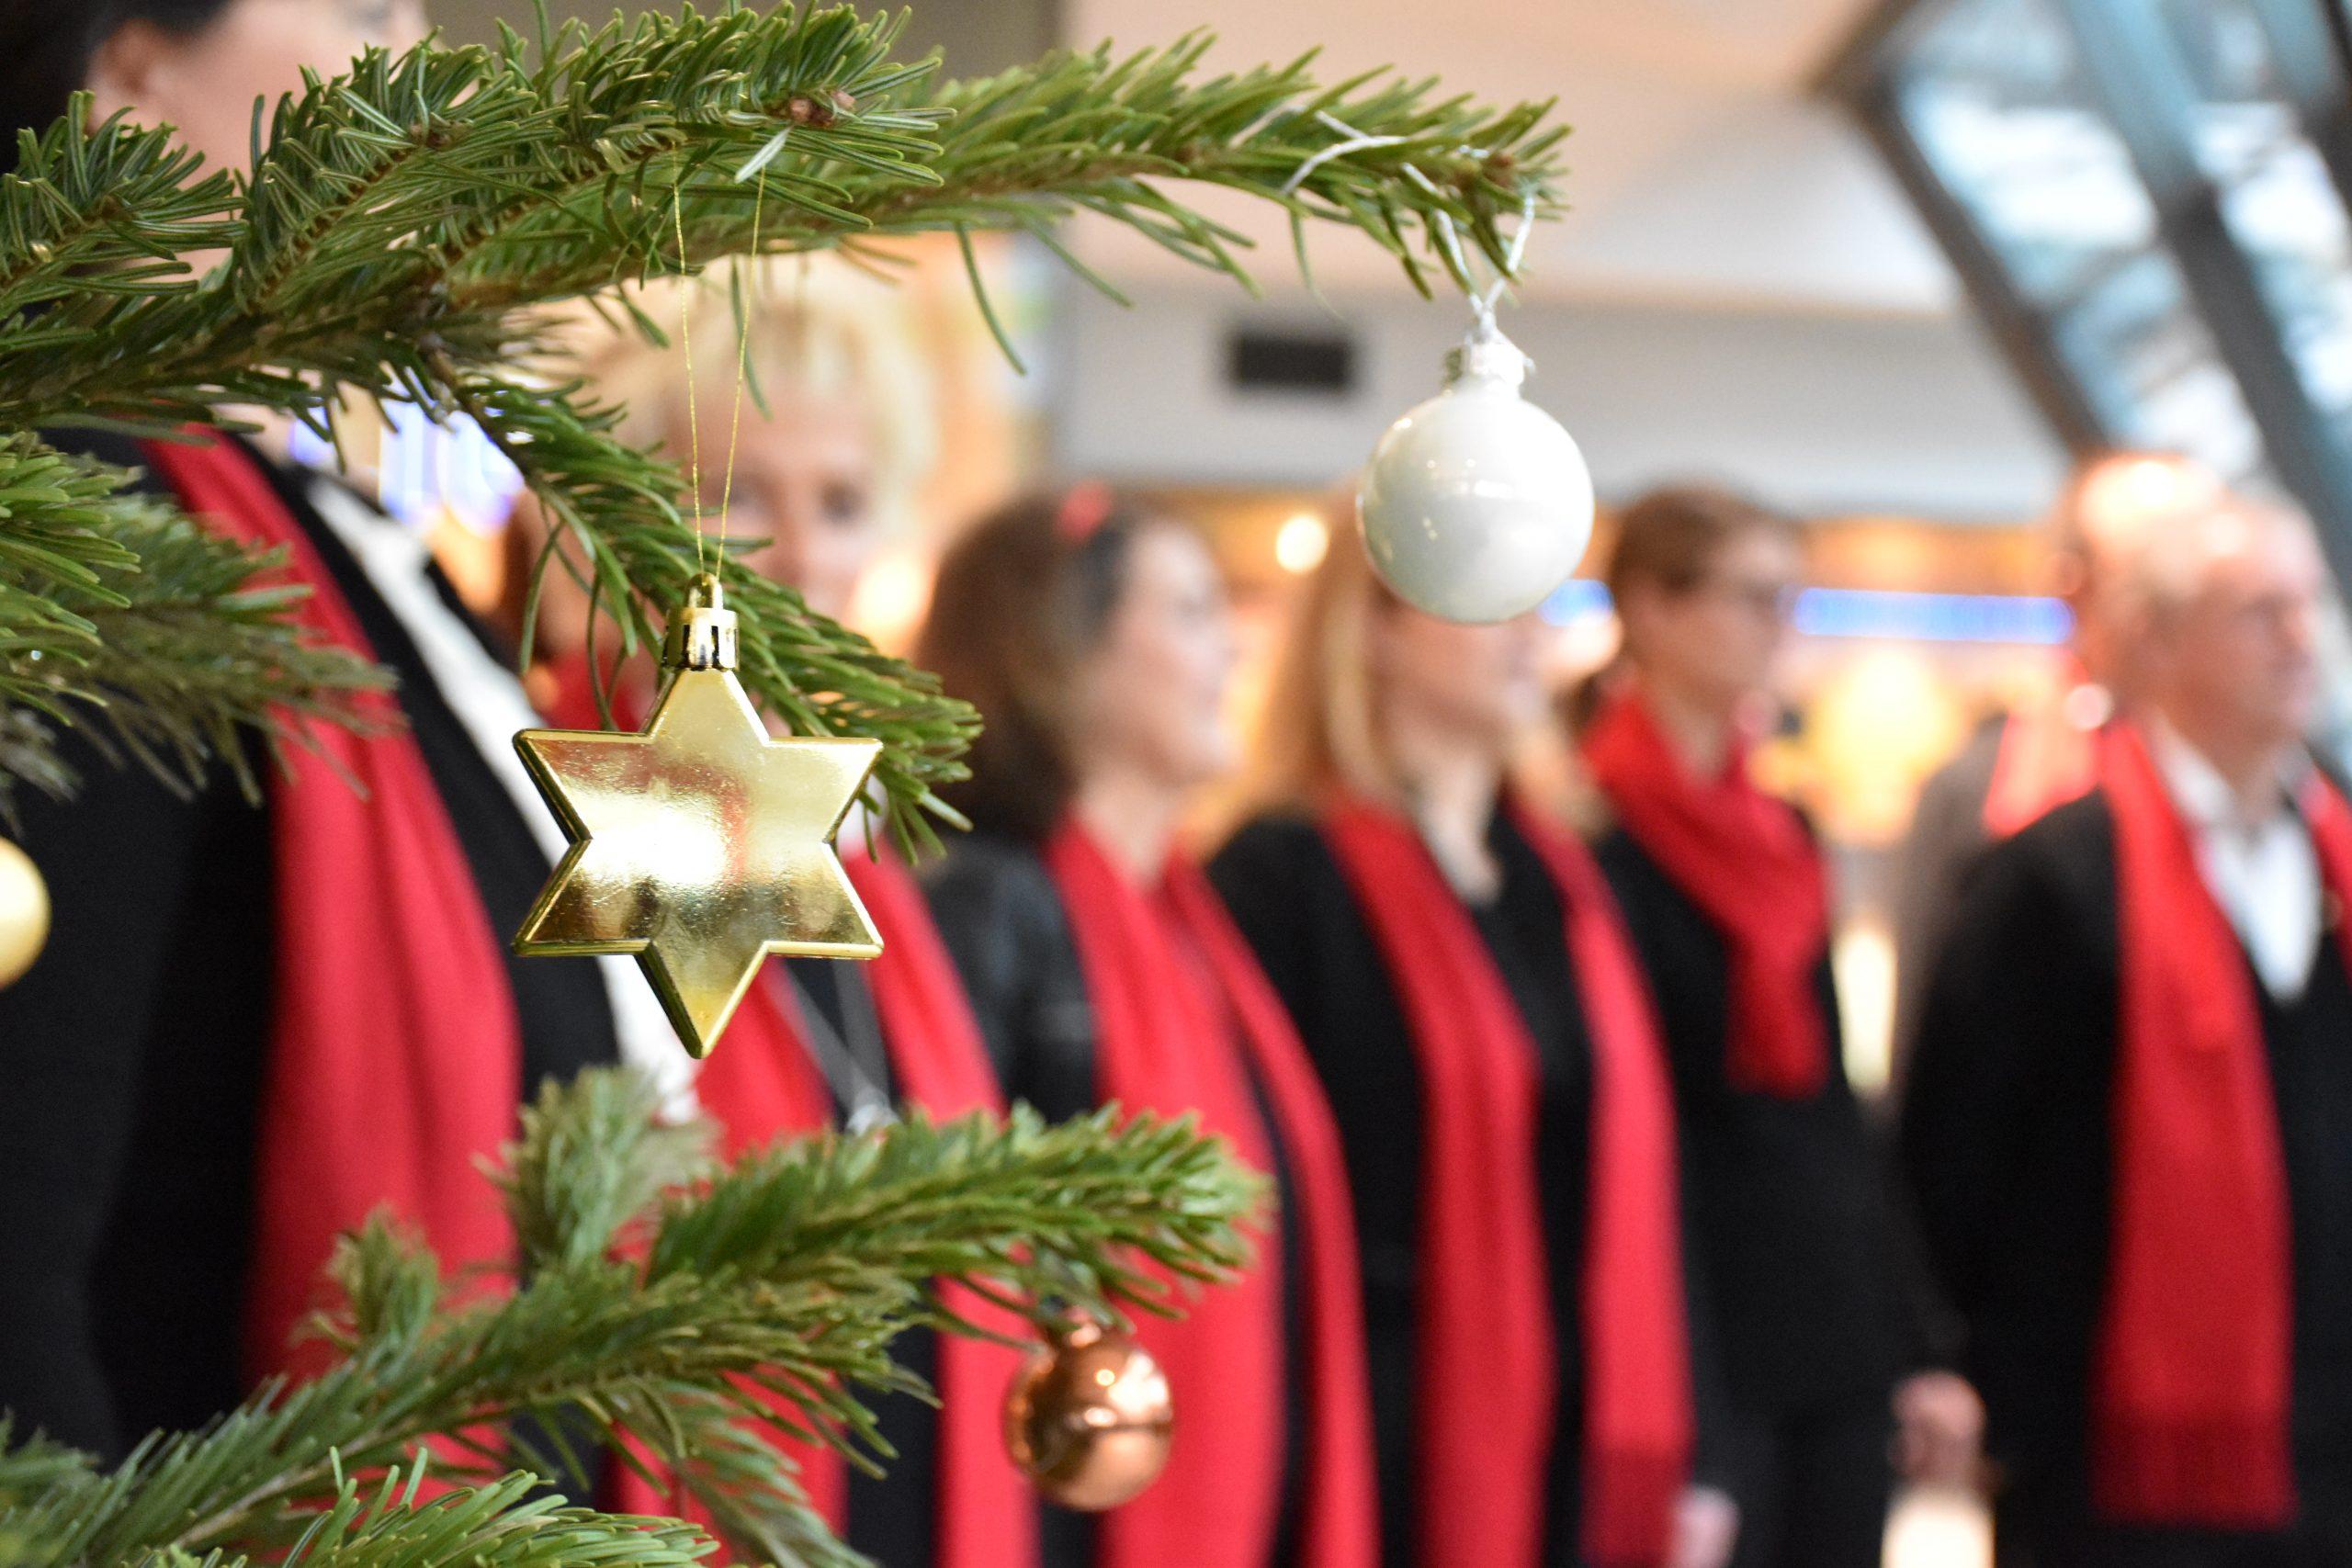 Weihnachtskonzert in Kamp-Lintfort Bild: Imma Schmidt